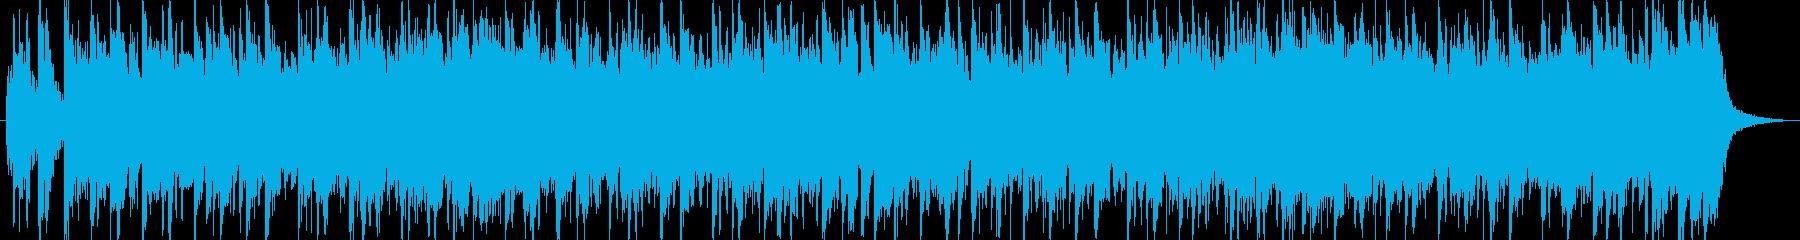 トーク用BGM(ファンク、ロック)の再生済みの波形